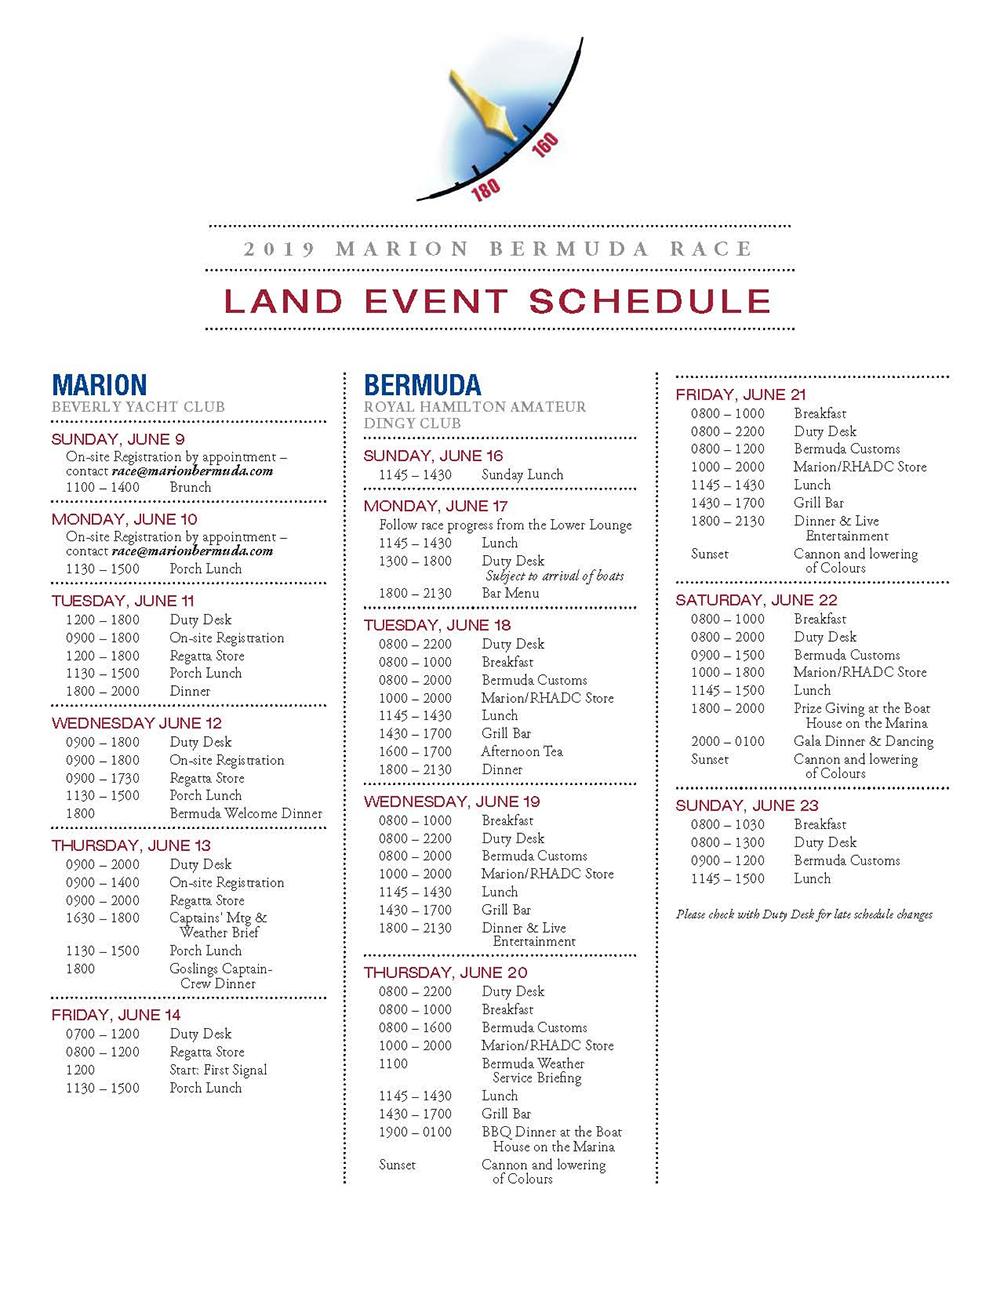 Marion Bermuda Race Bermuda June 23 2019 10